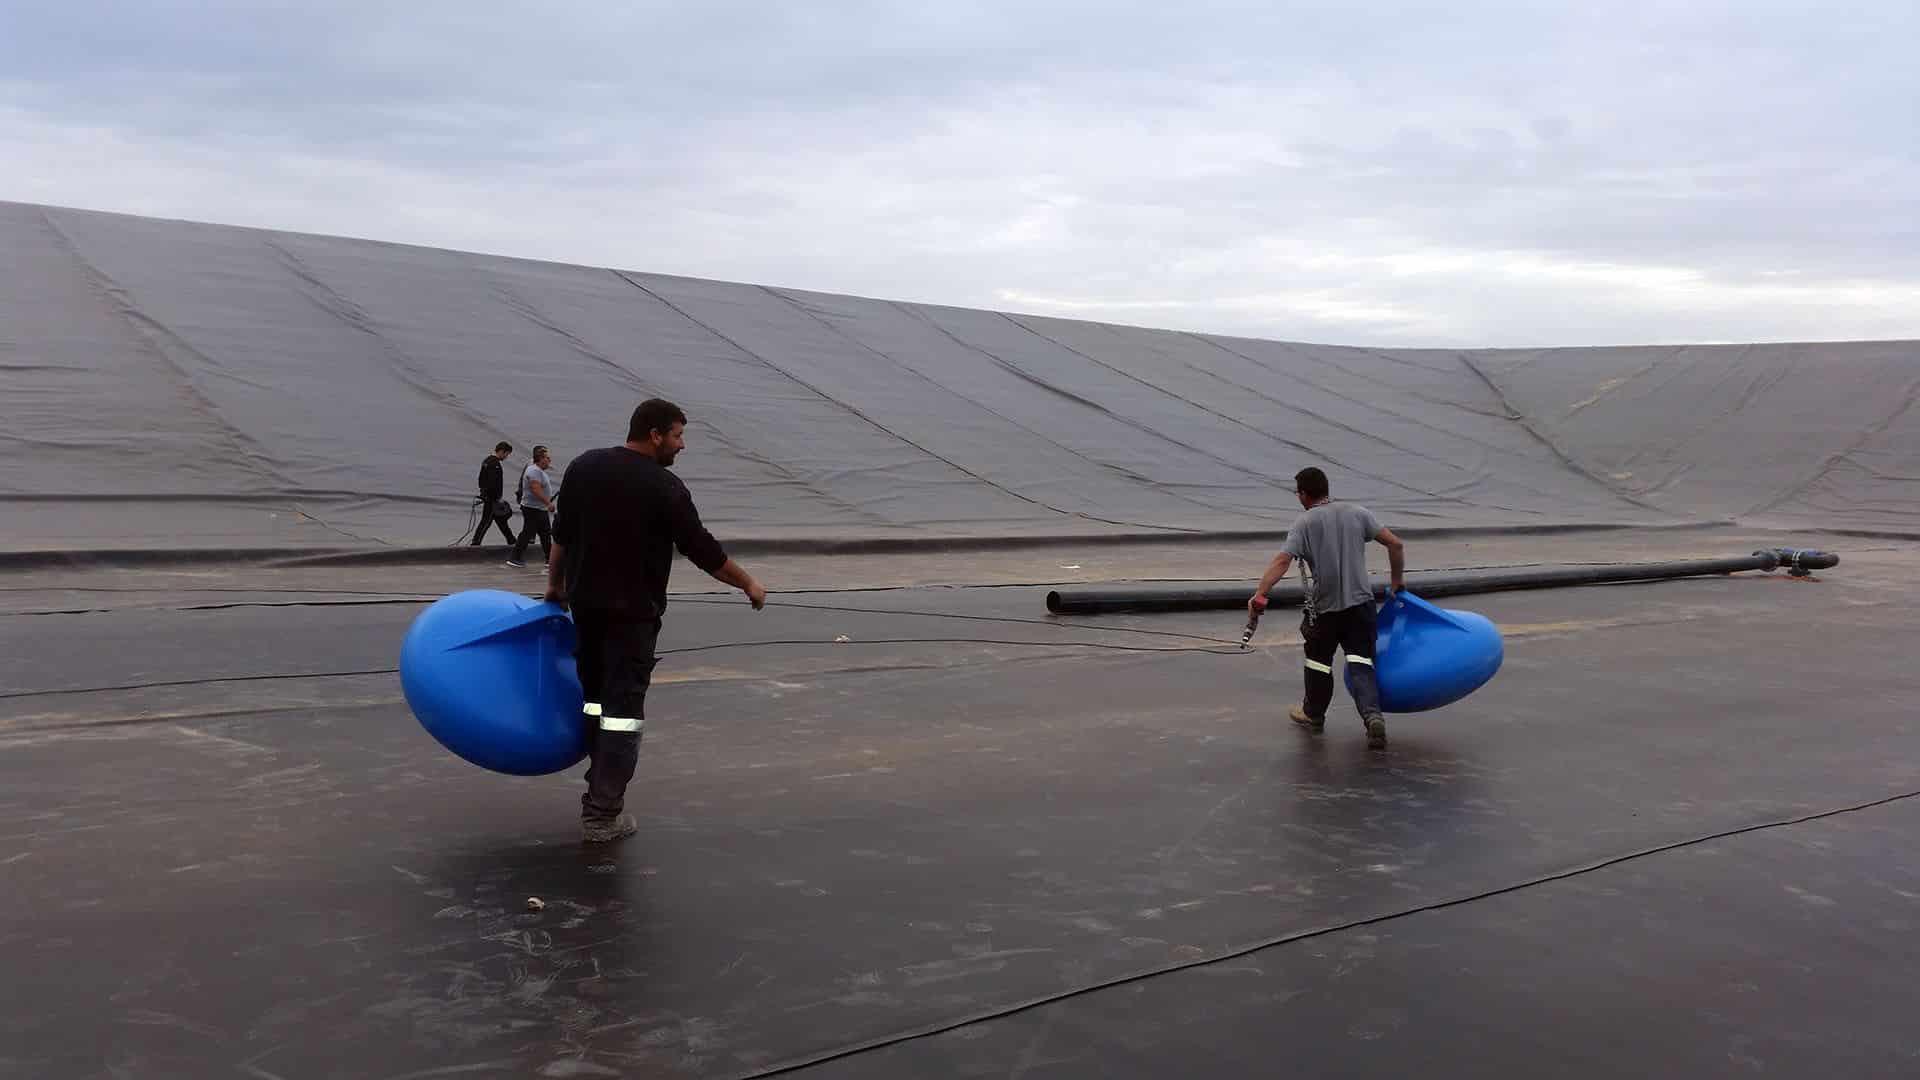 Flotadores embalse de riego